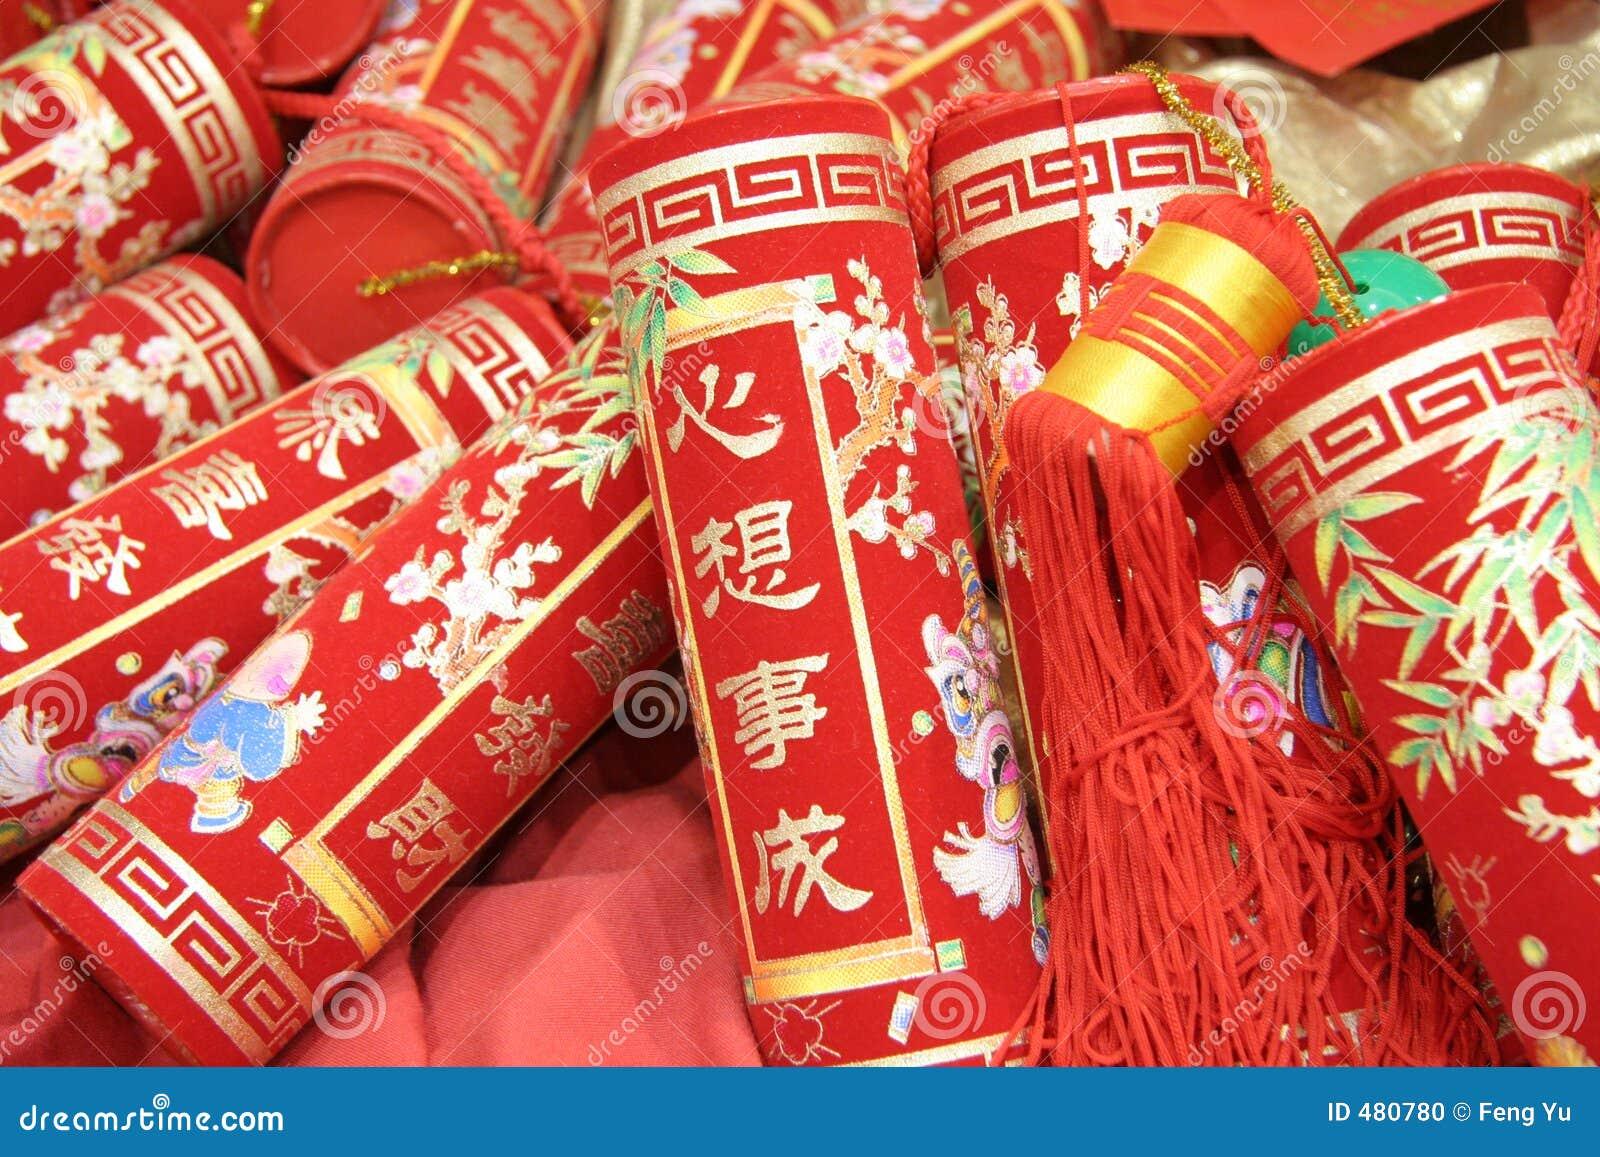 Chińskie petardy święto